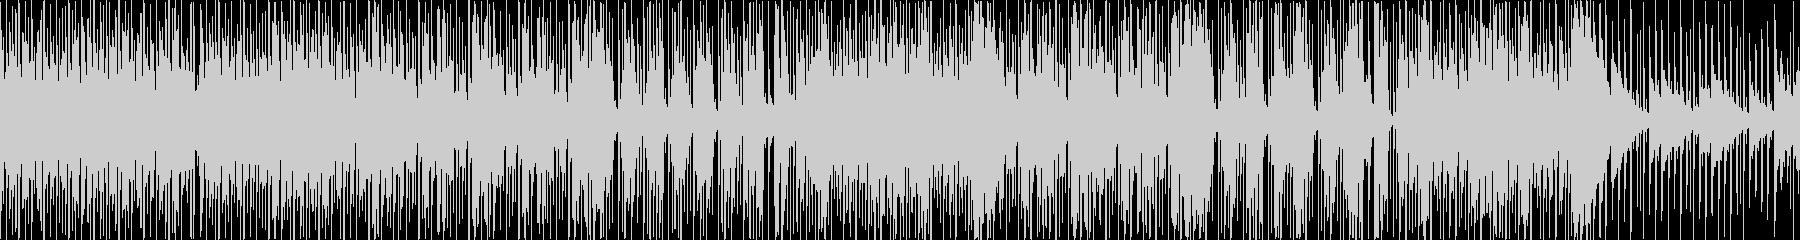 【ループ】ディスコでキラキラしたBGMの未再生の波形